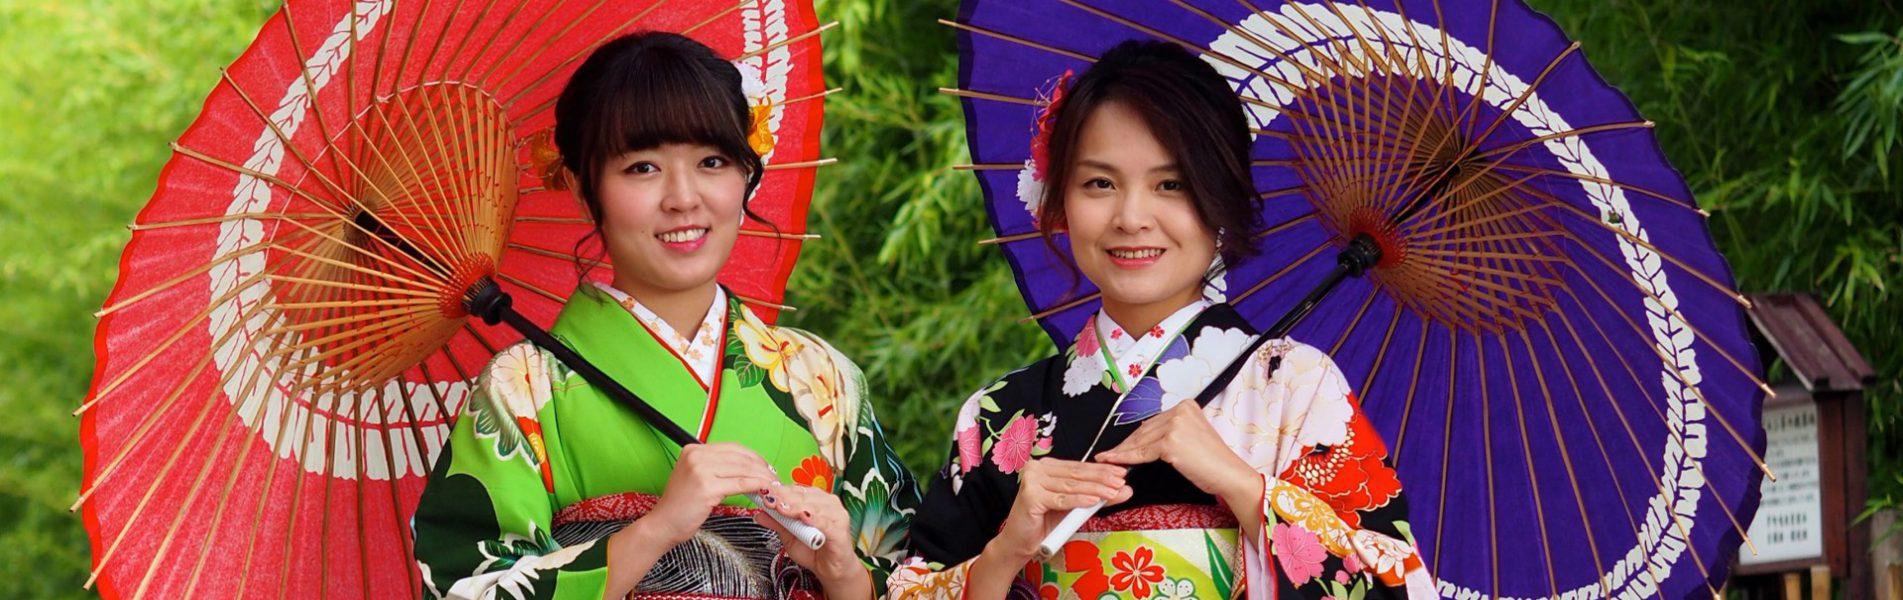 東京着物レンタル浅草愛和服の絵羽振袖